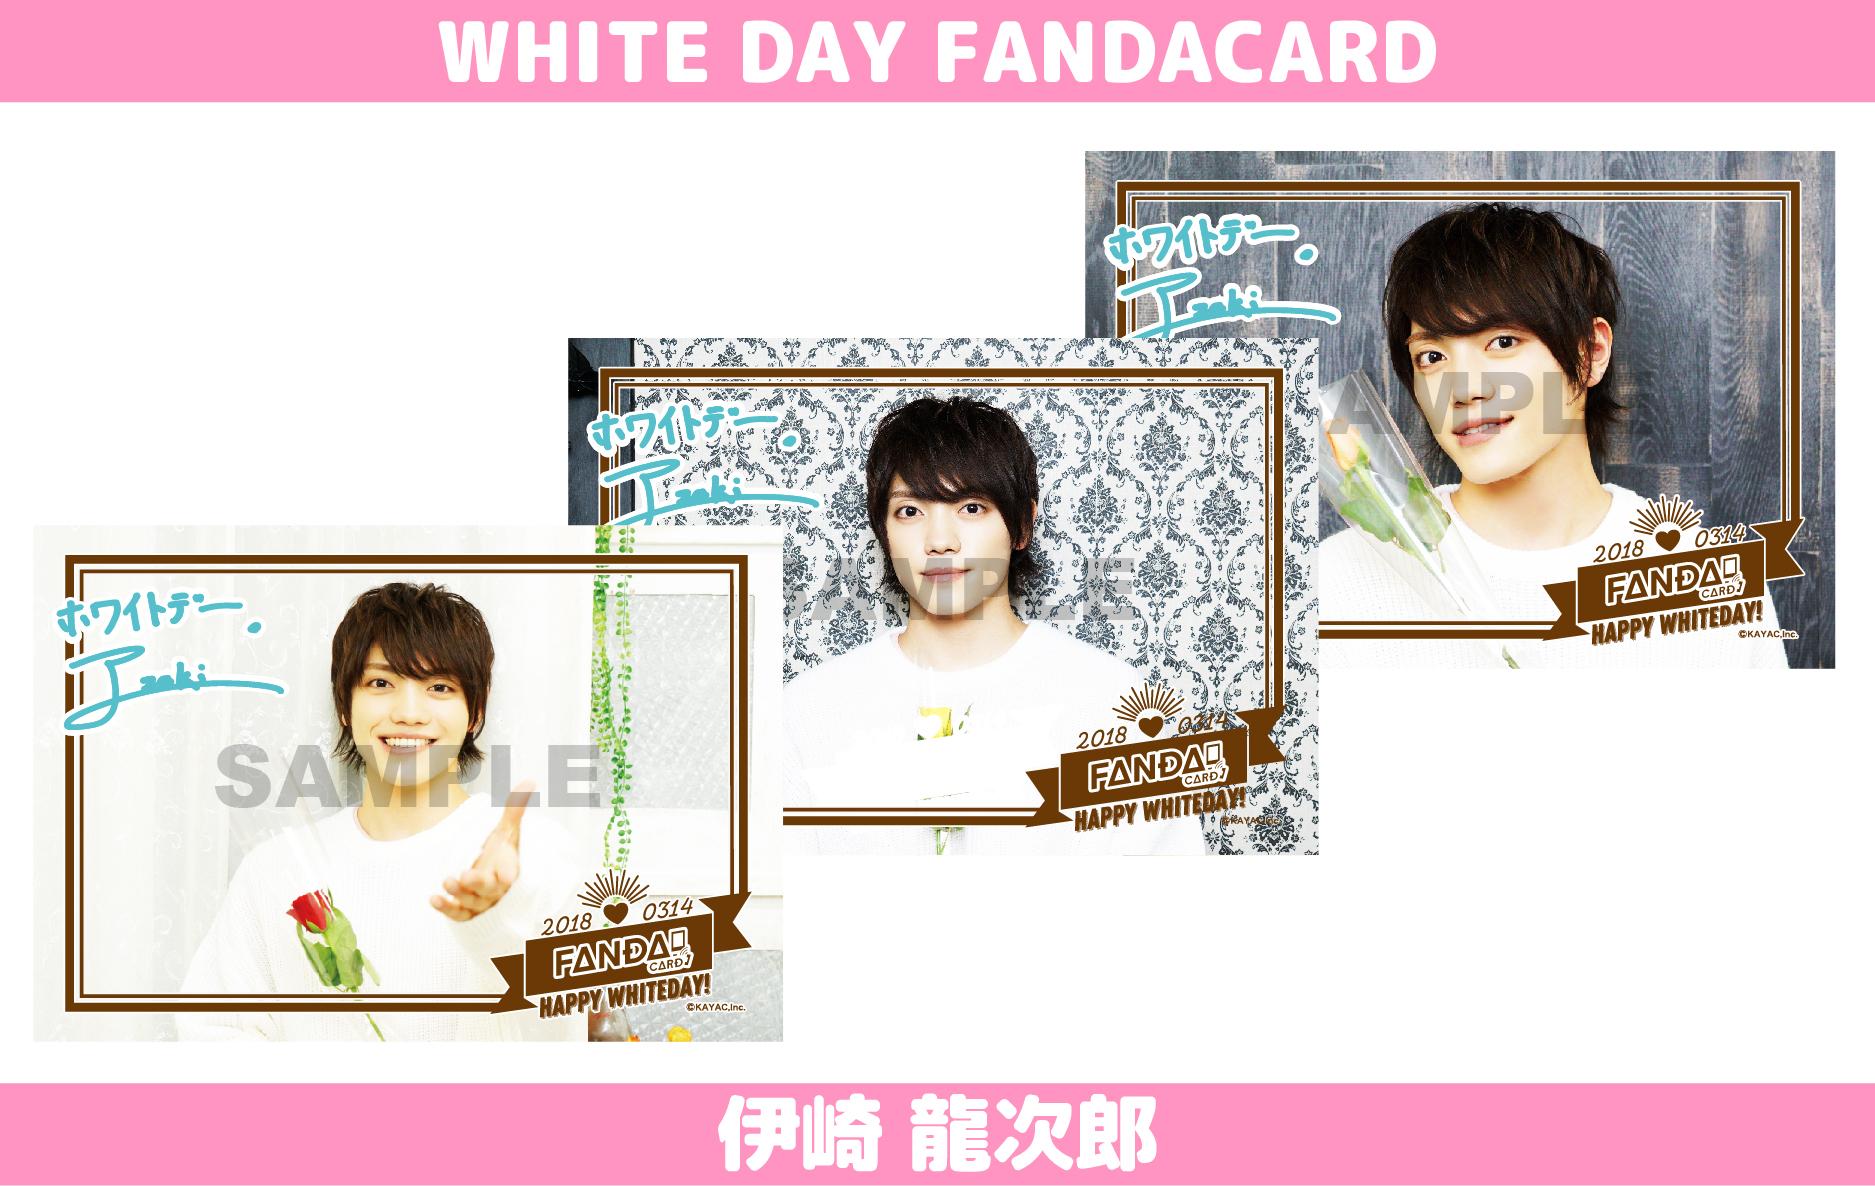 伊崎龍次郎から電話でメッセージが届く2018年 ホワイトデーFANDA CARD、発売決定!